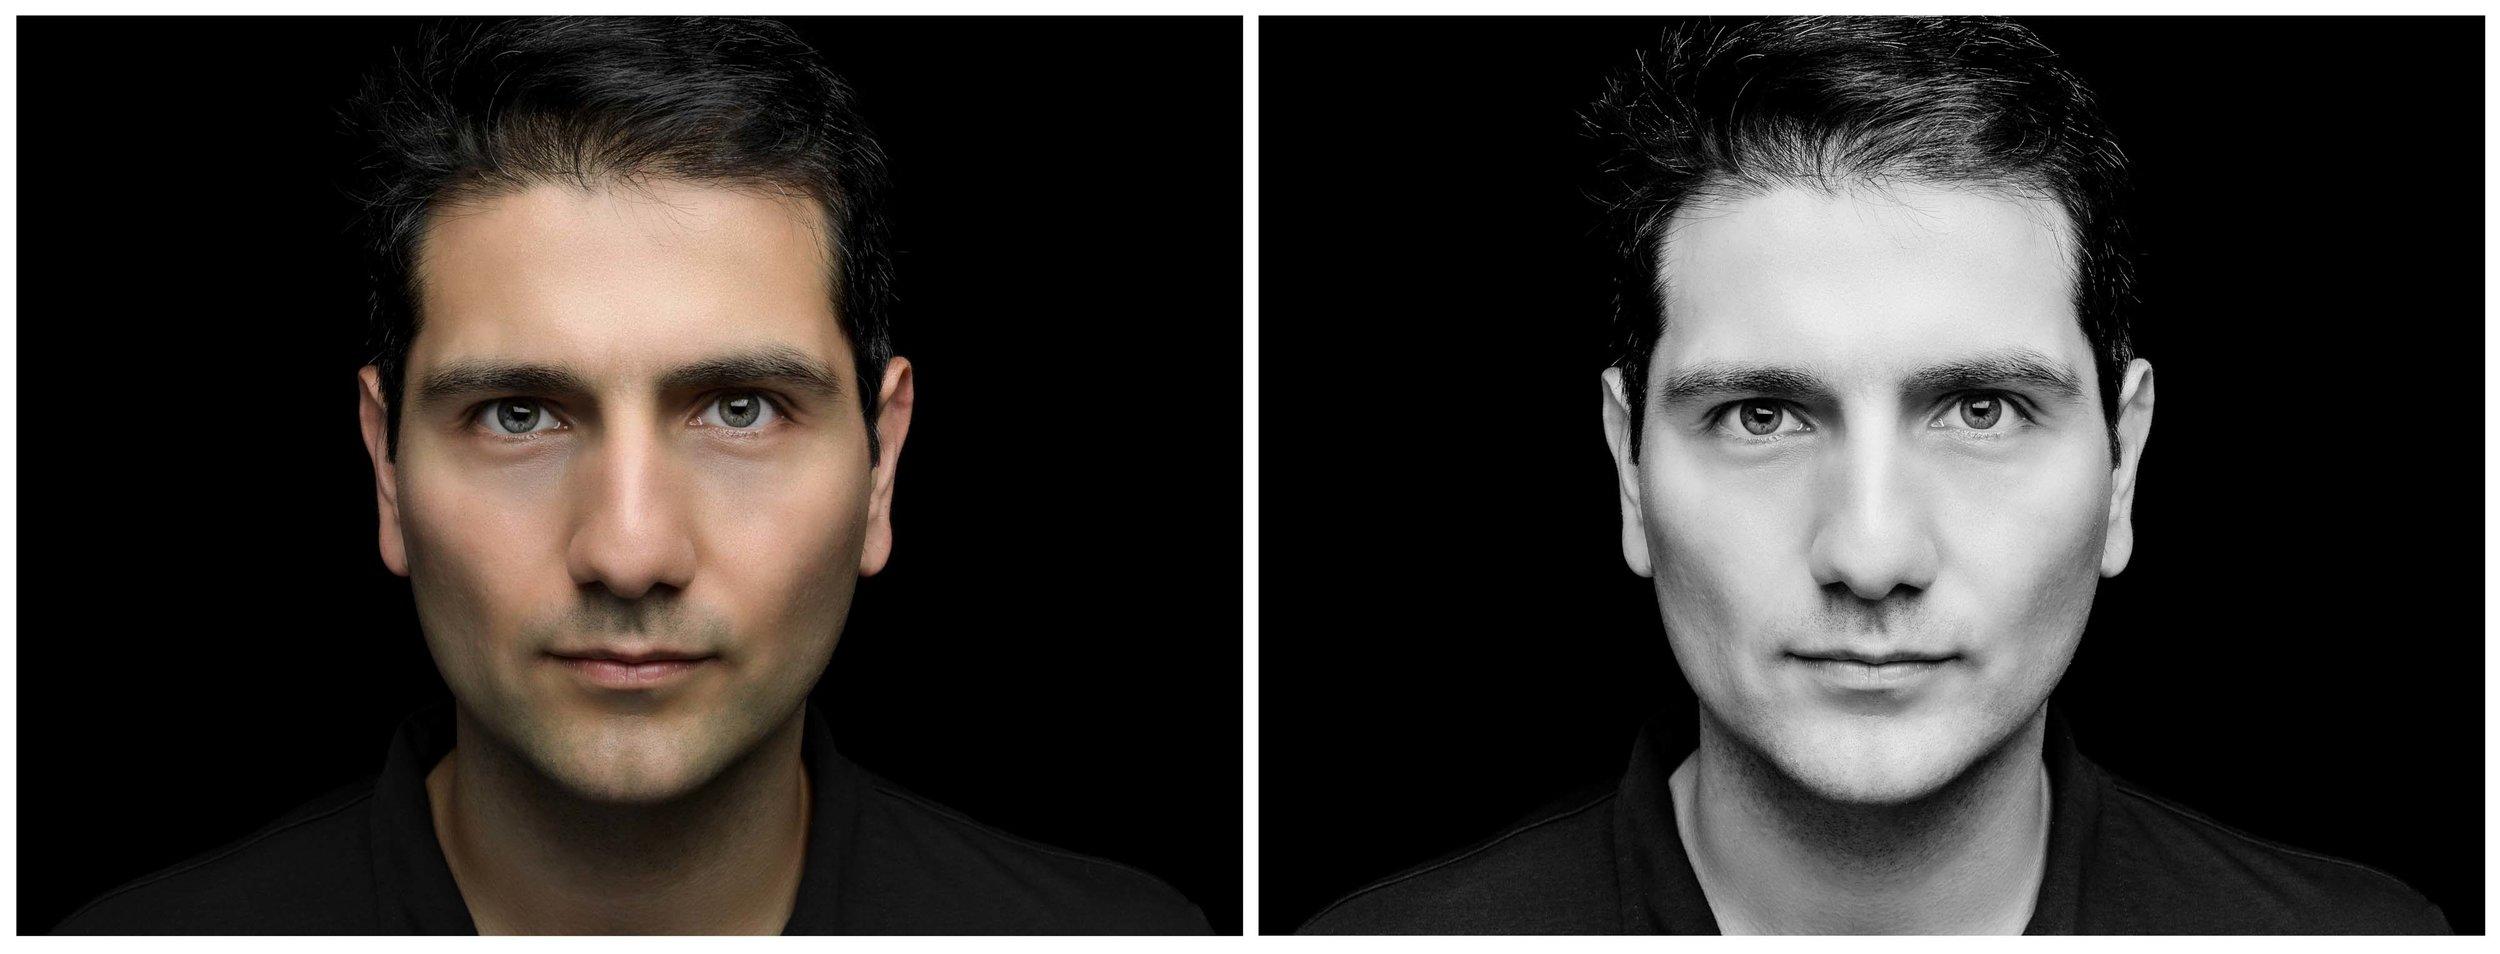 black and white headshot portrait photography washington dc-1.jpg